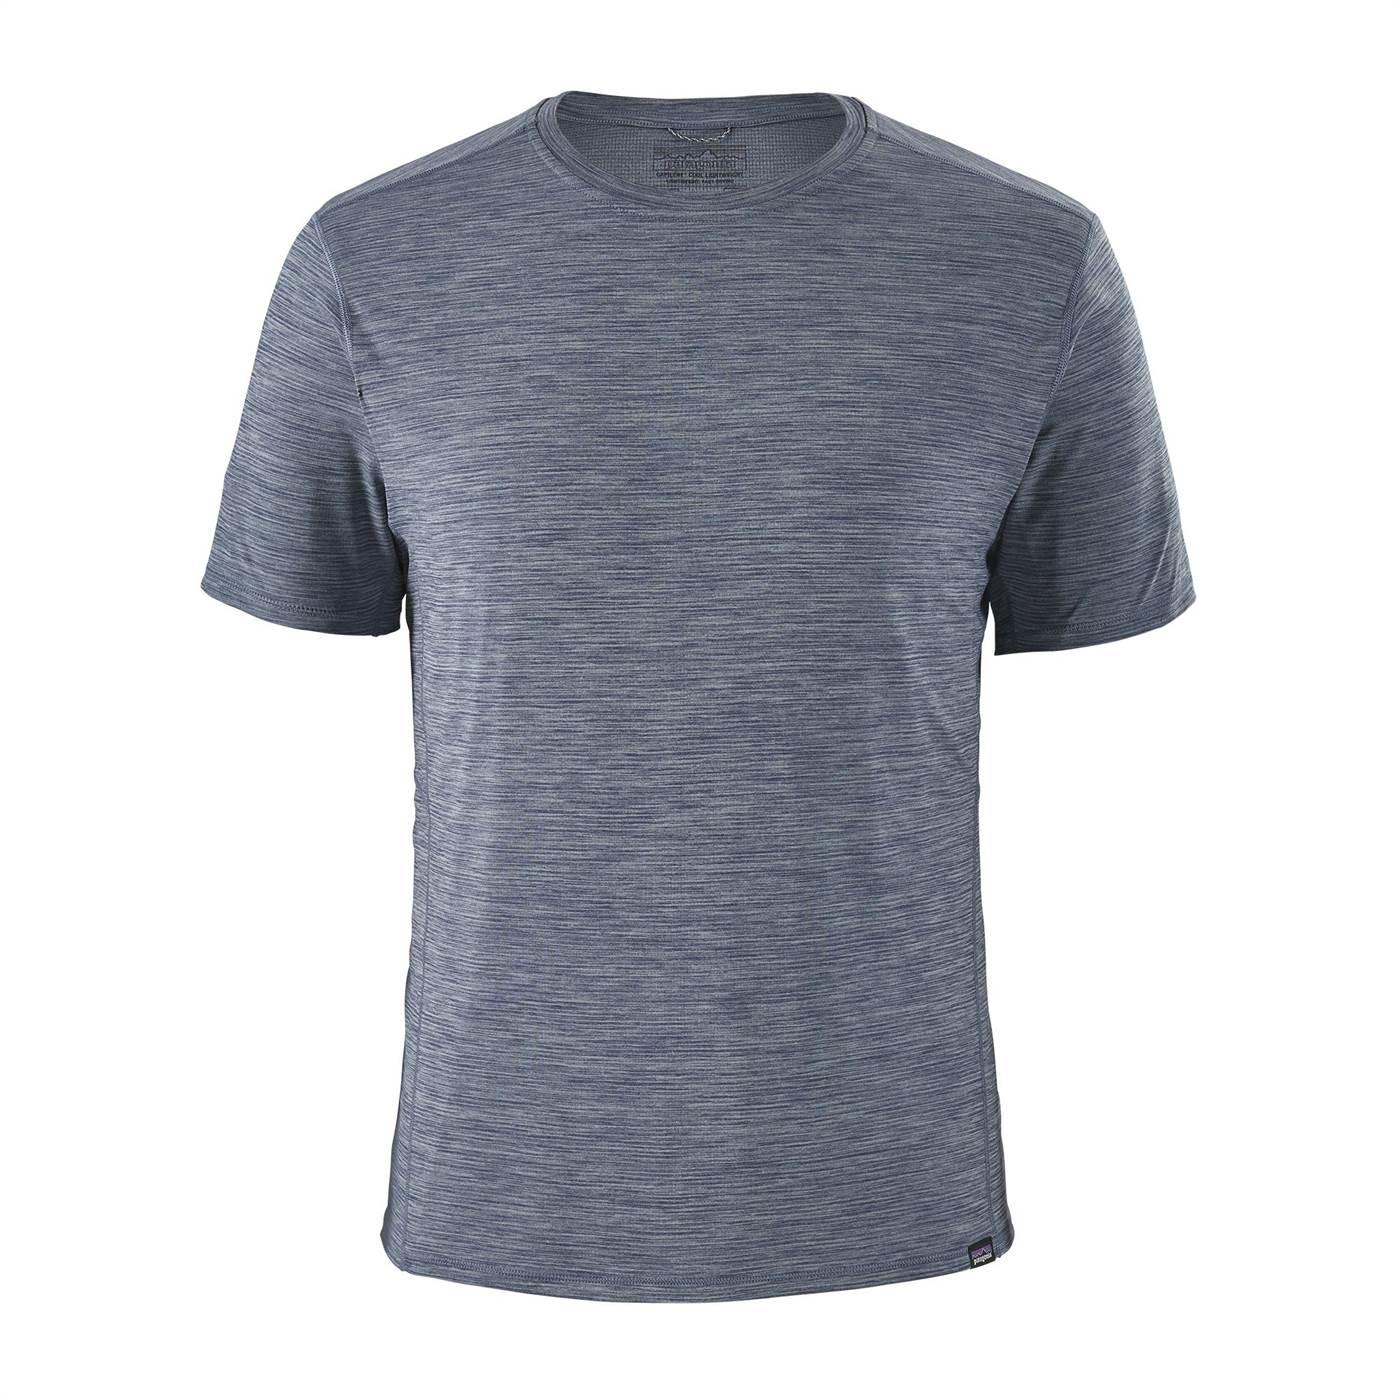 Cap Cool Lightweight Shirt - Men's